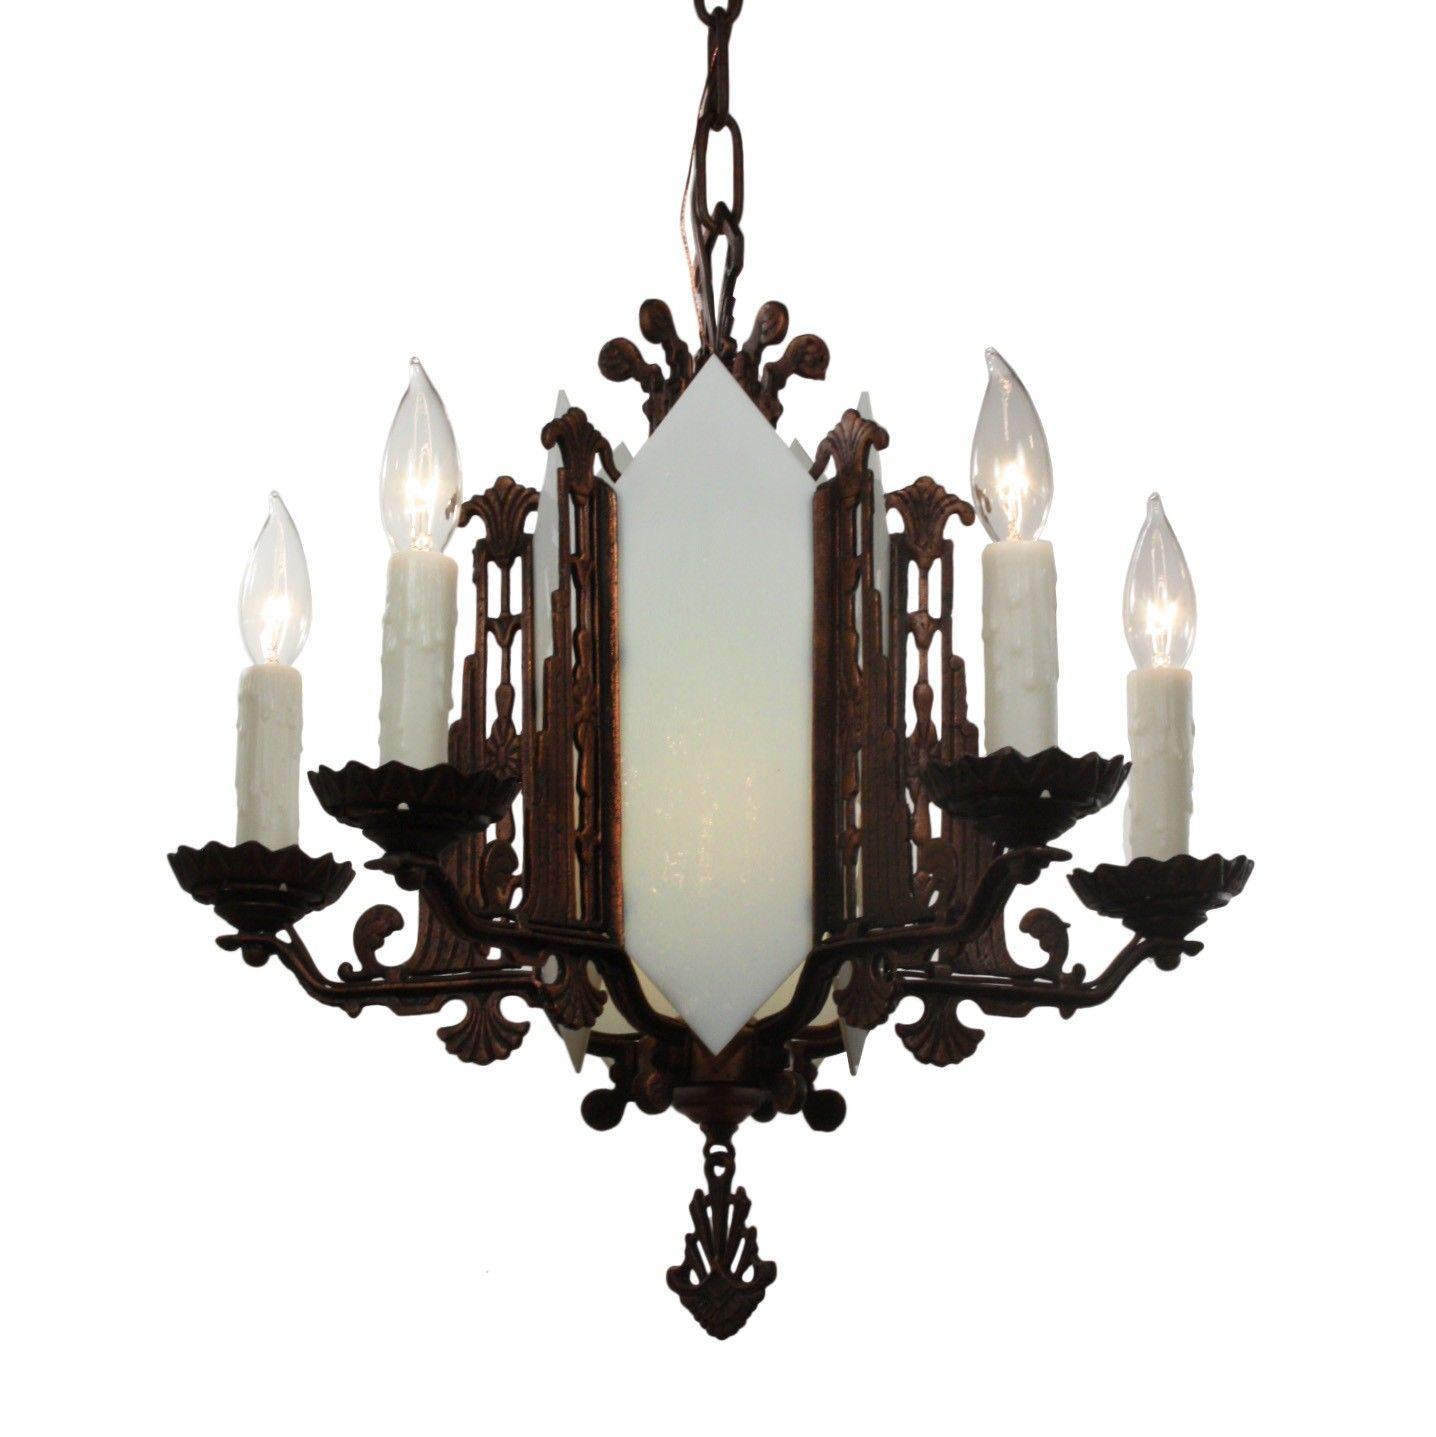 Art Deco Cast Iron Chandelier, Antique Lighting - Art Deco Cast Iron Chandelier, Antique Lighting Art Nouveau DR